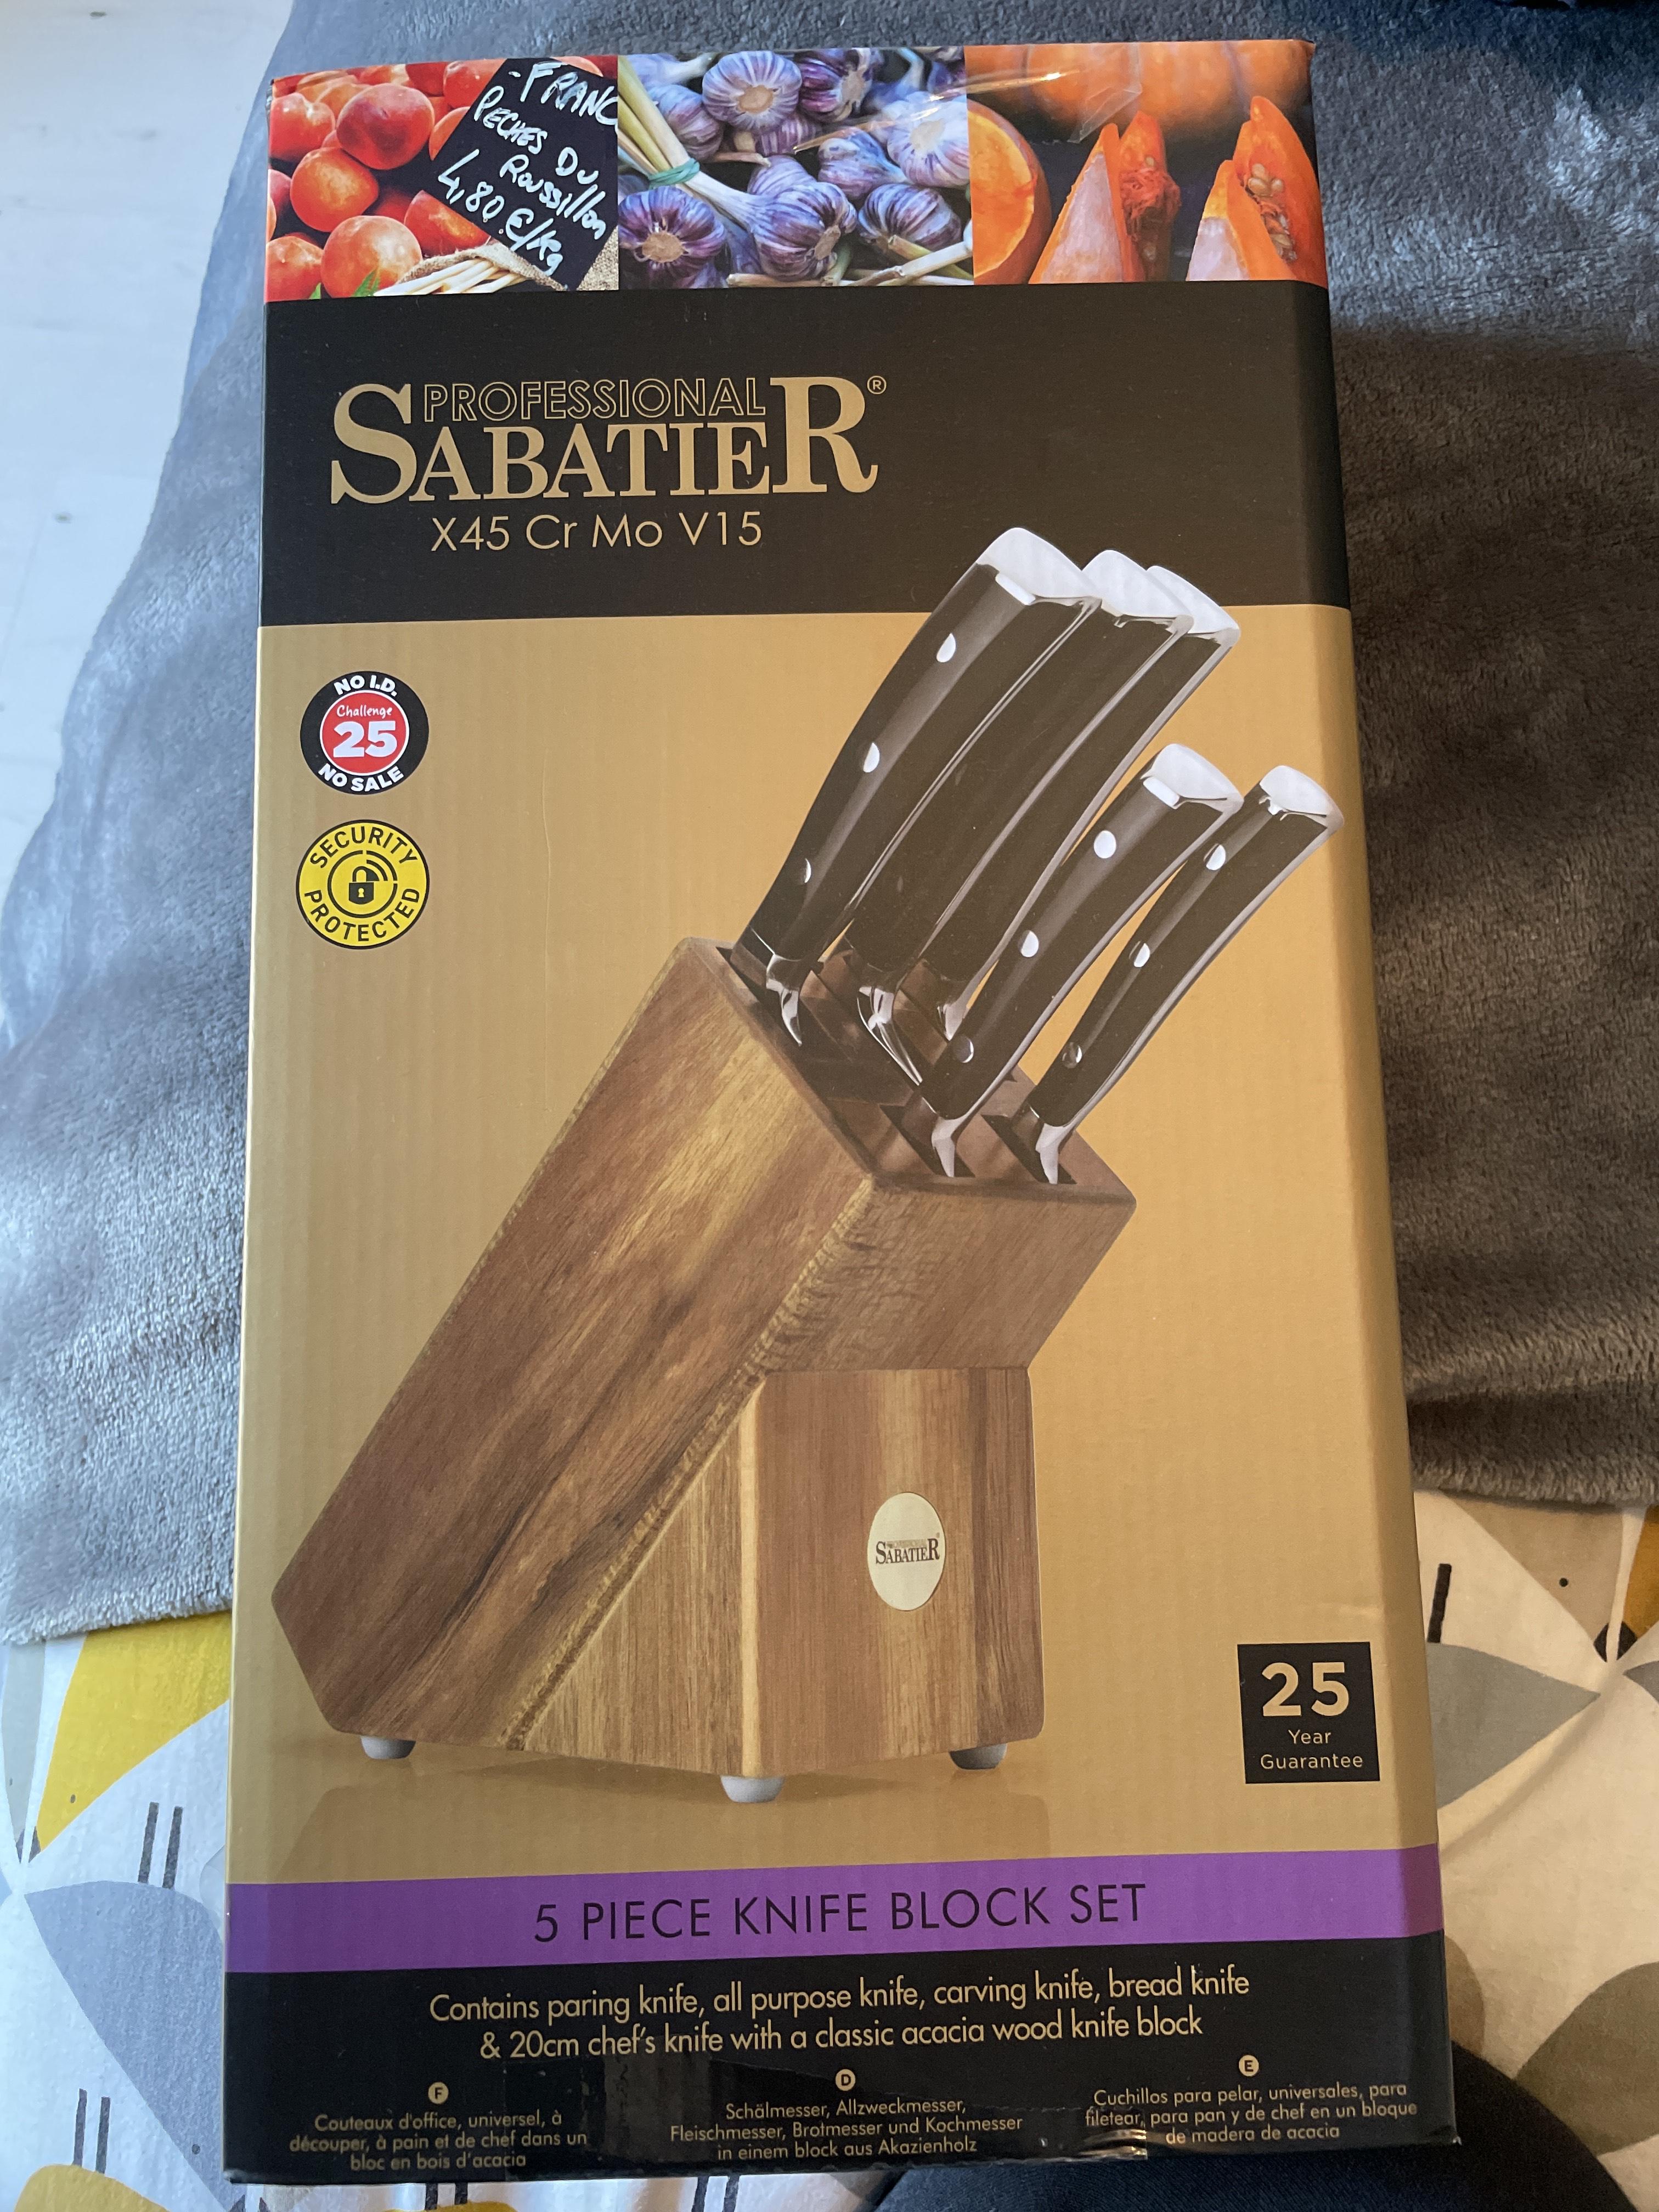 Sabatier 5 Piece Knife Block Set 35 Asda Bromborough Hotukdeals